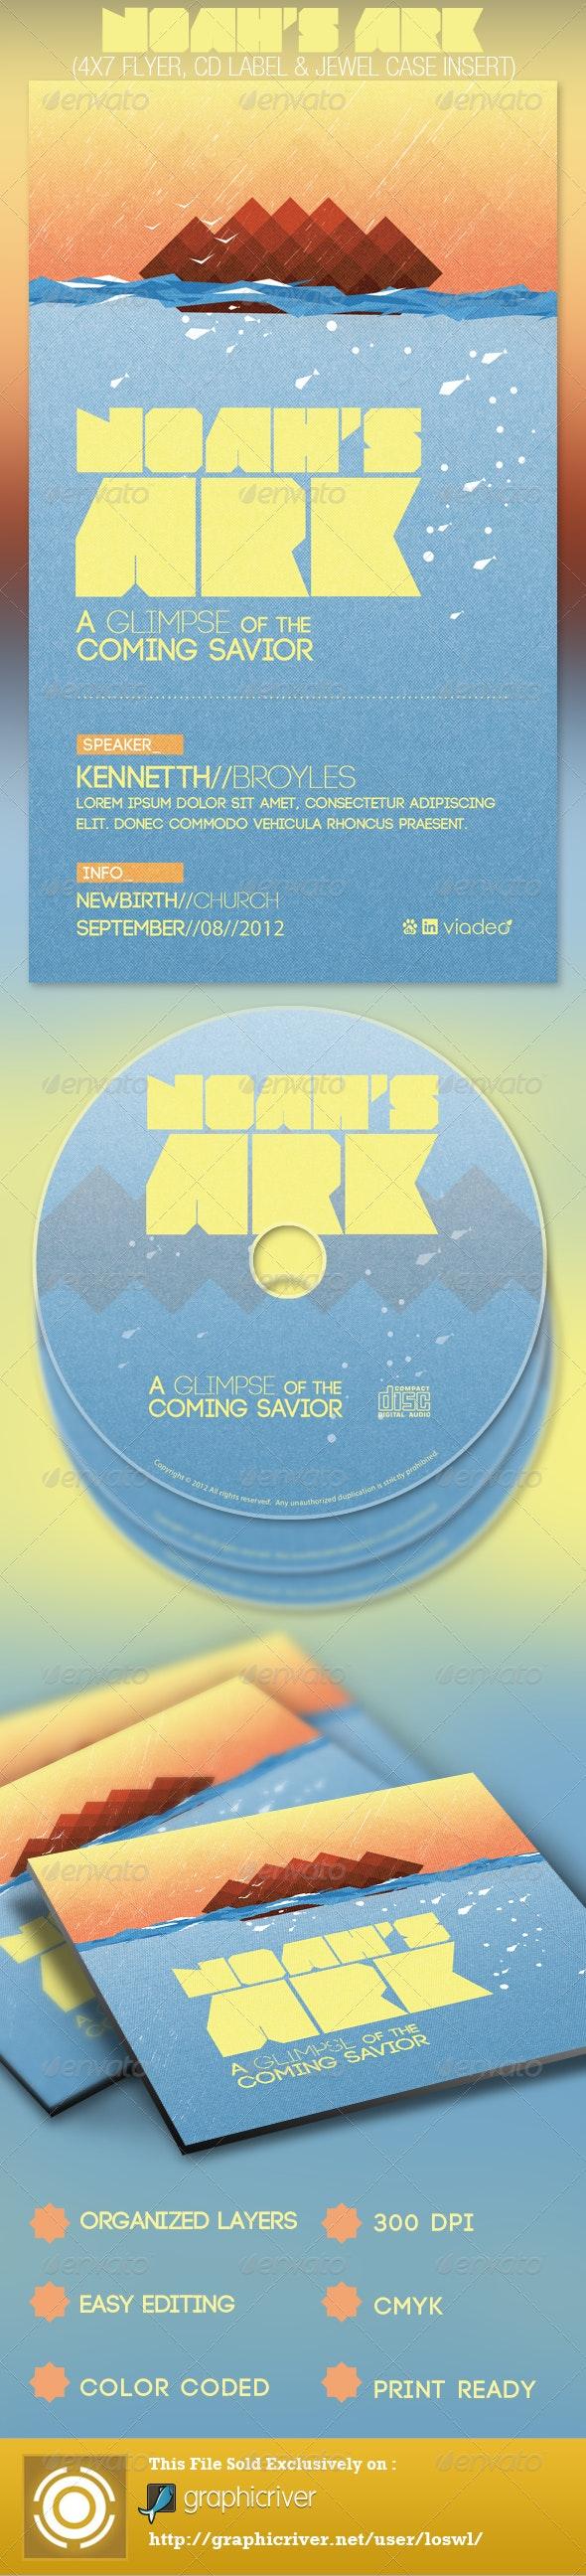 Noah's Ark Church Flyer and CD Template - Church Flyers